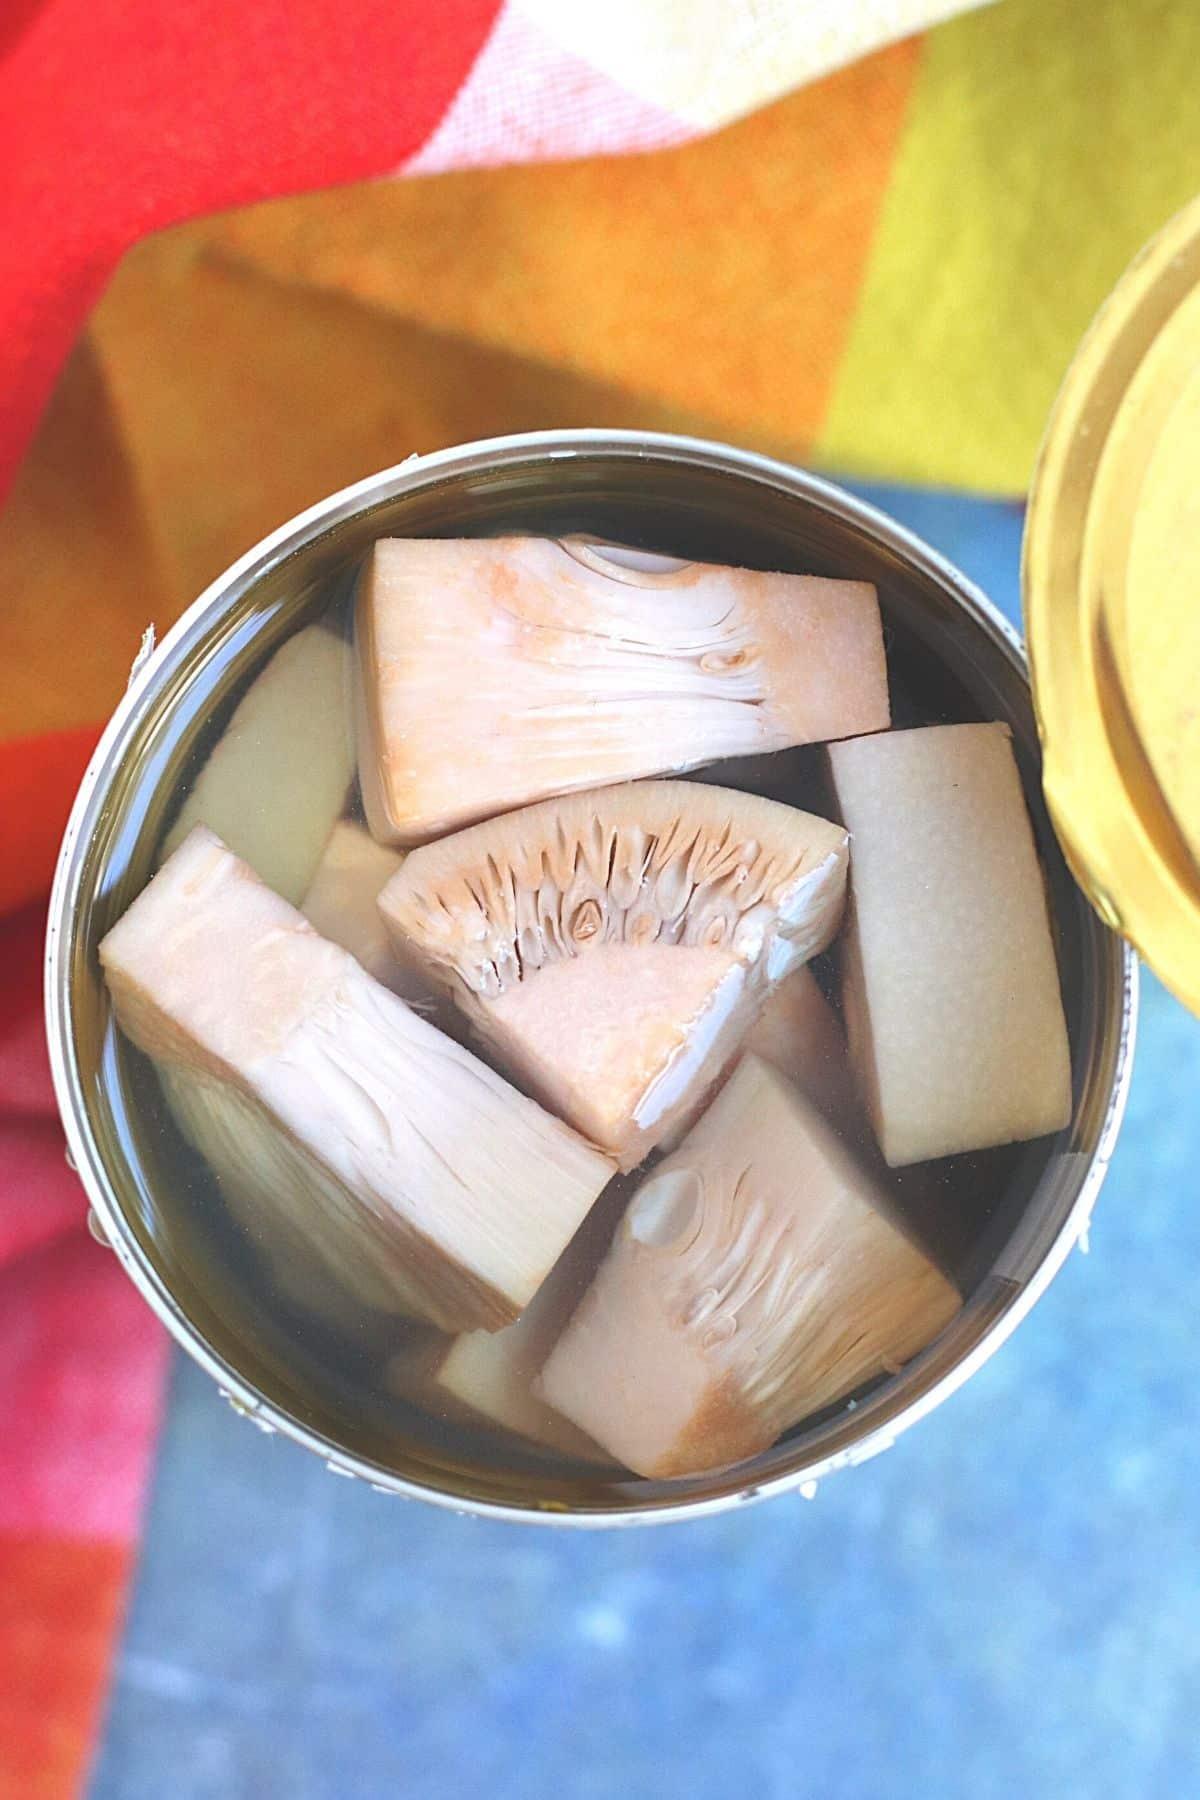 Open can of jackfruit